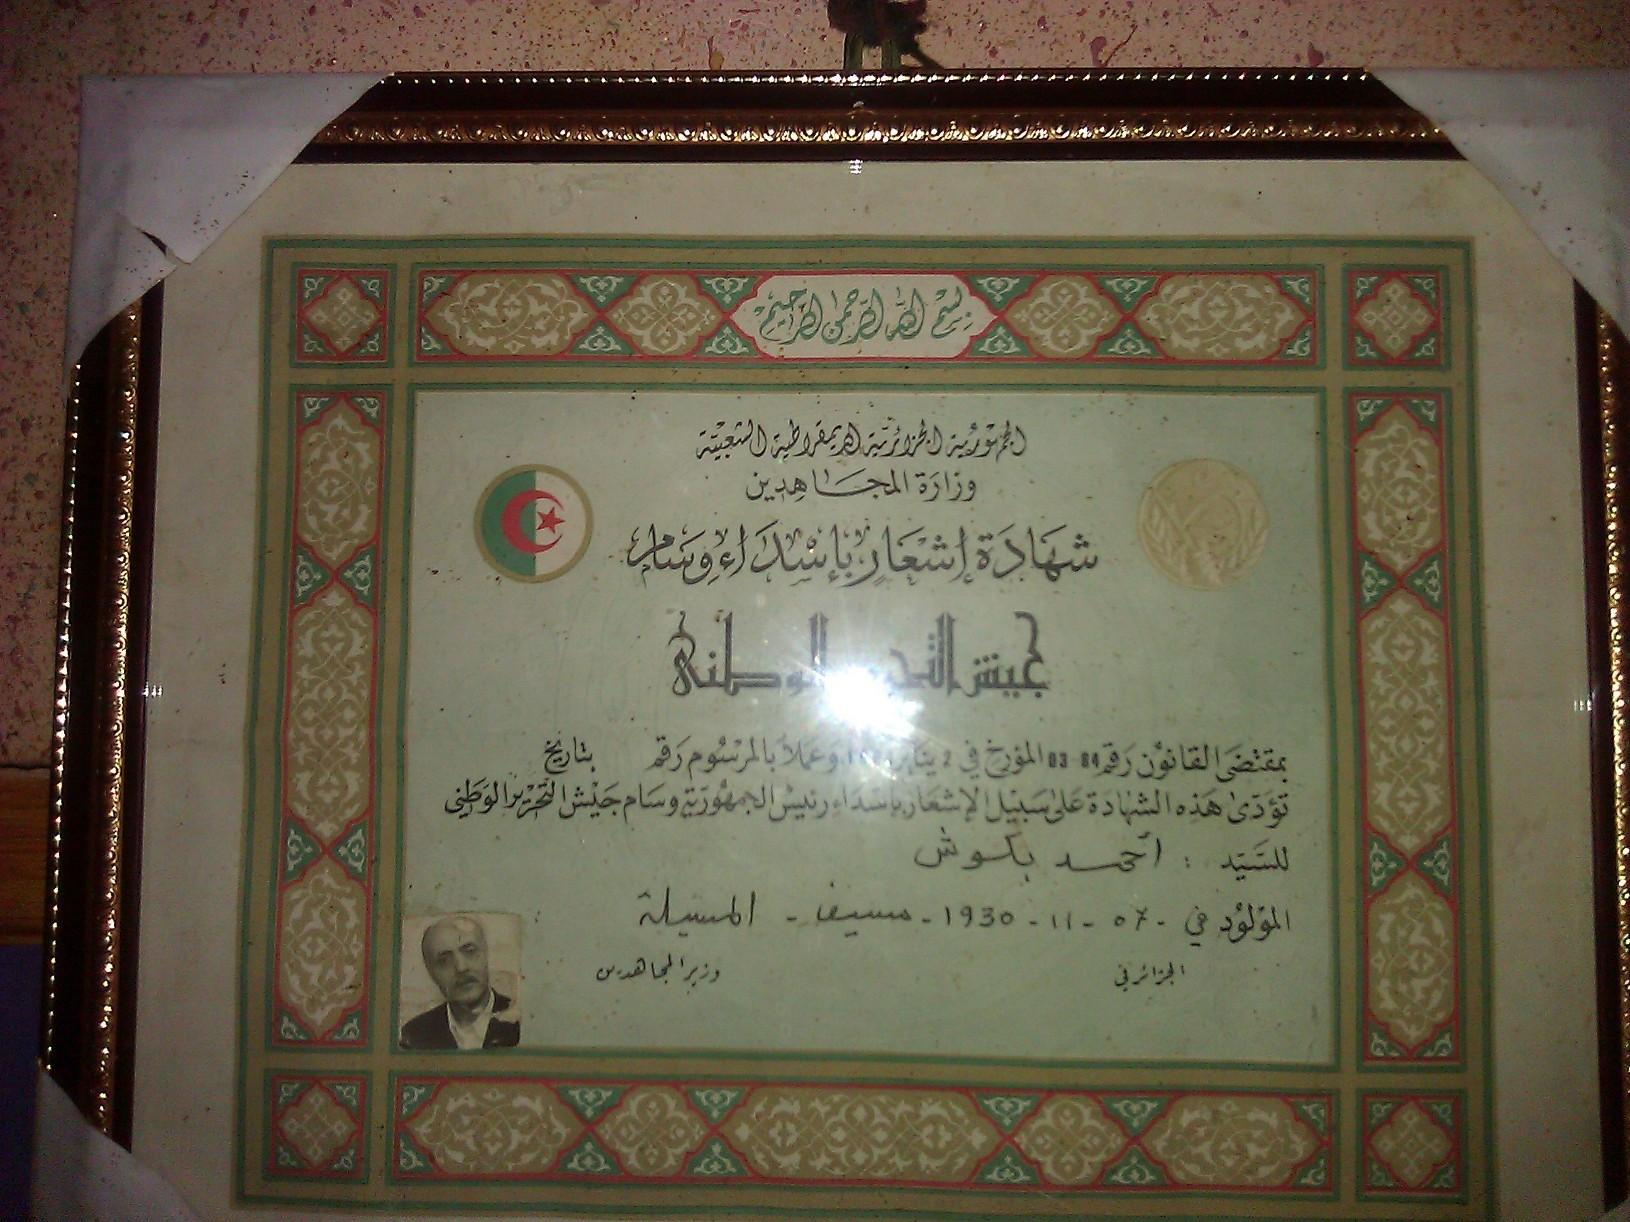 المجاهد احمد بكوش المدعو حملاوي ahmed bakoushe